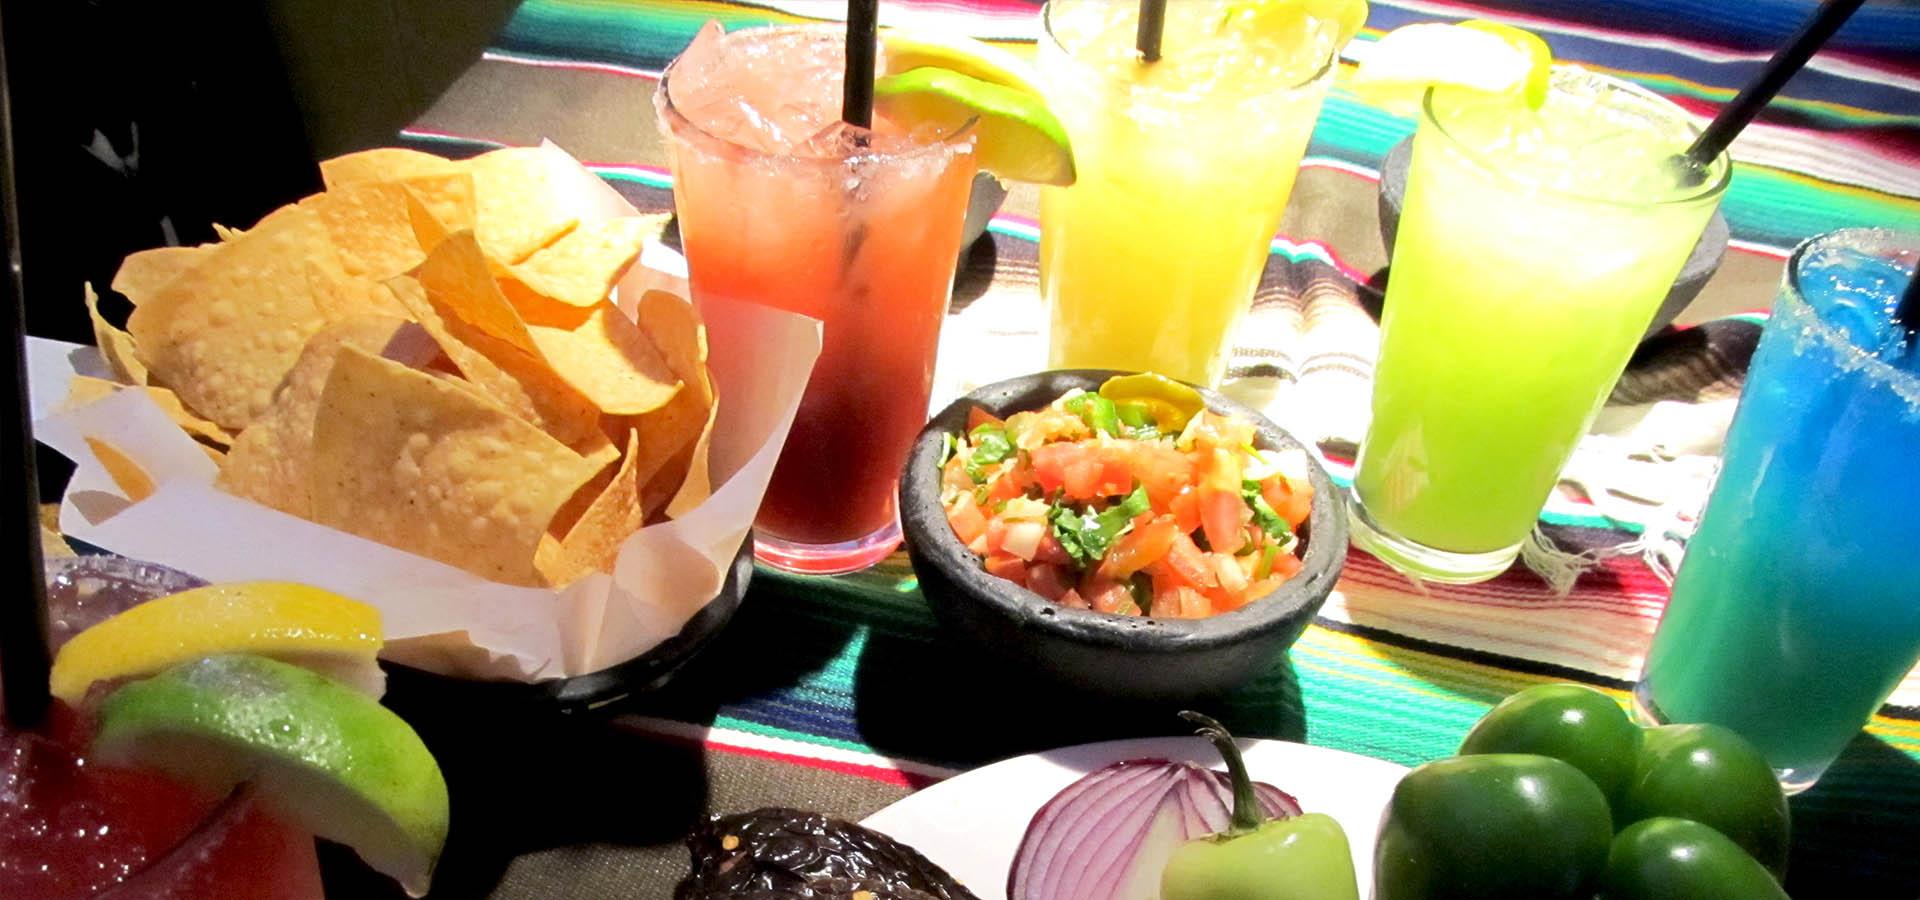 Kico S Mexican Food